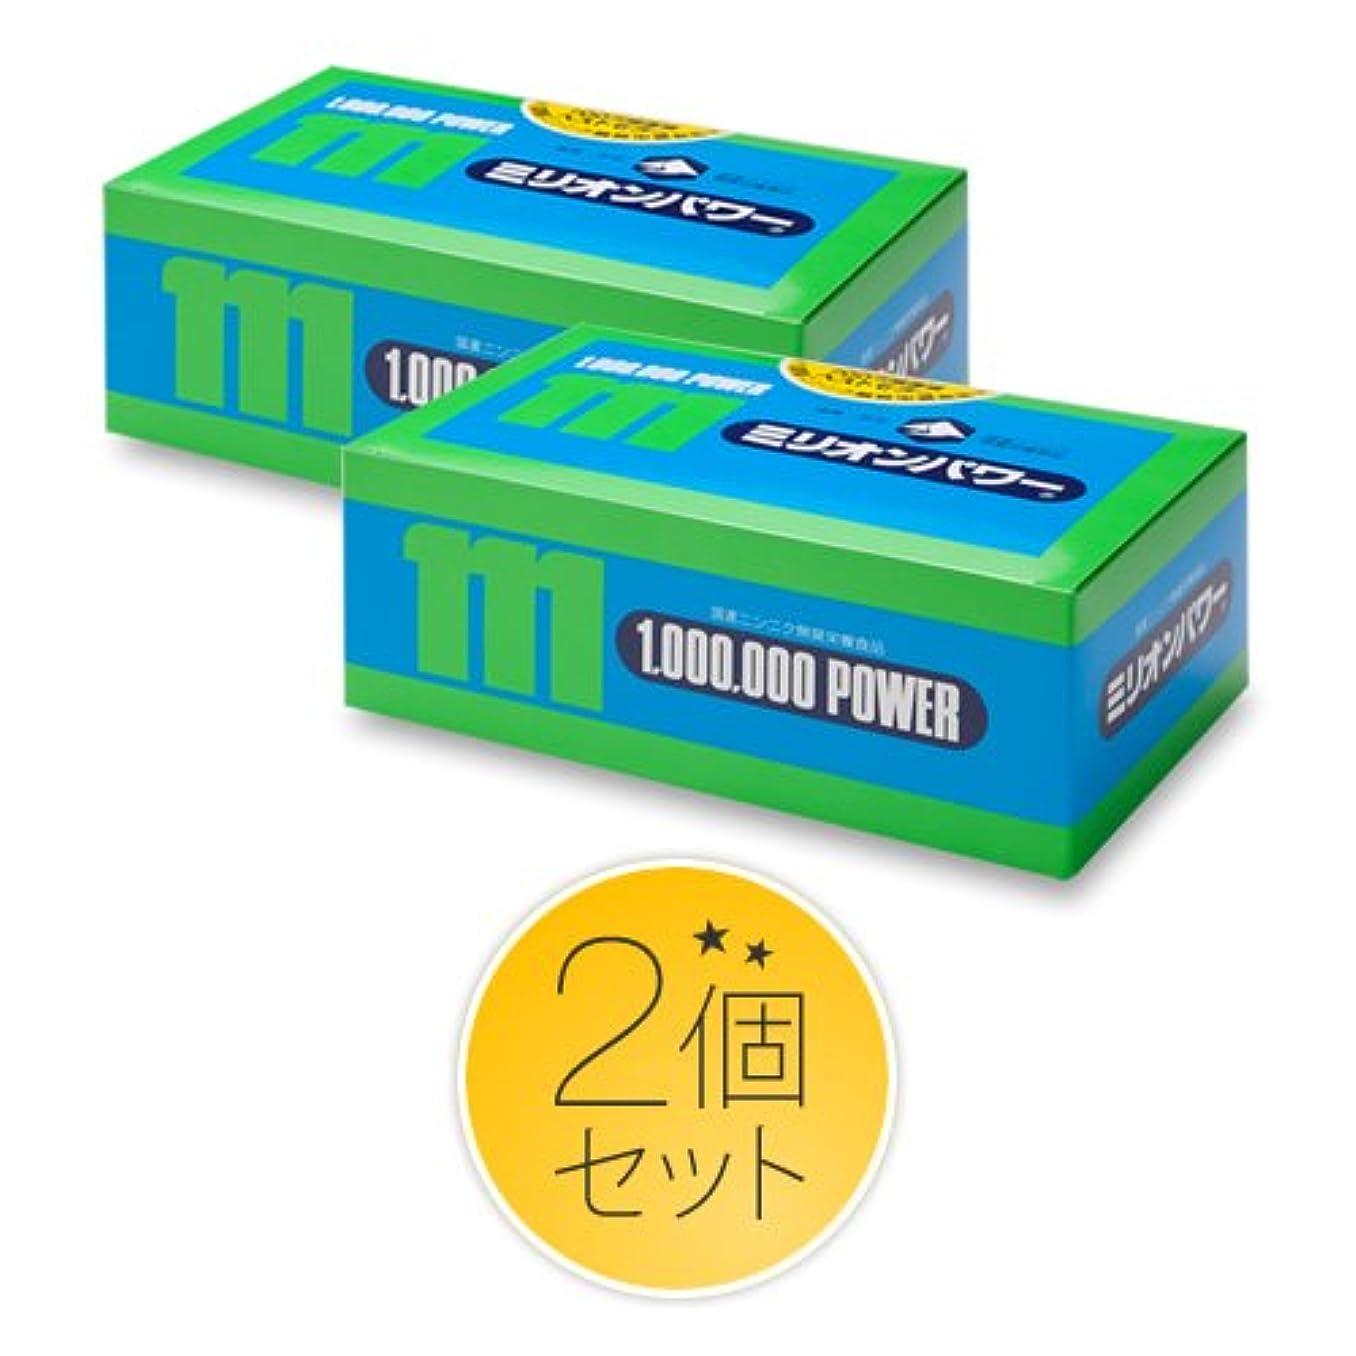 こどもの日登録する波紋ミリオンパワー2箱セット【期間限定】EPA高配合 さらさら青魚プレゼント